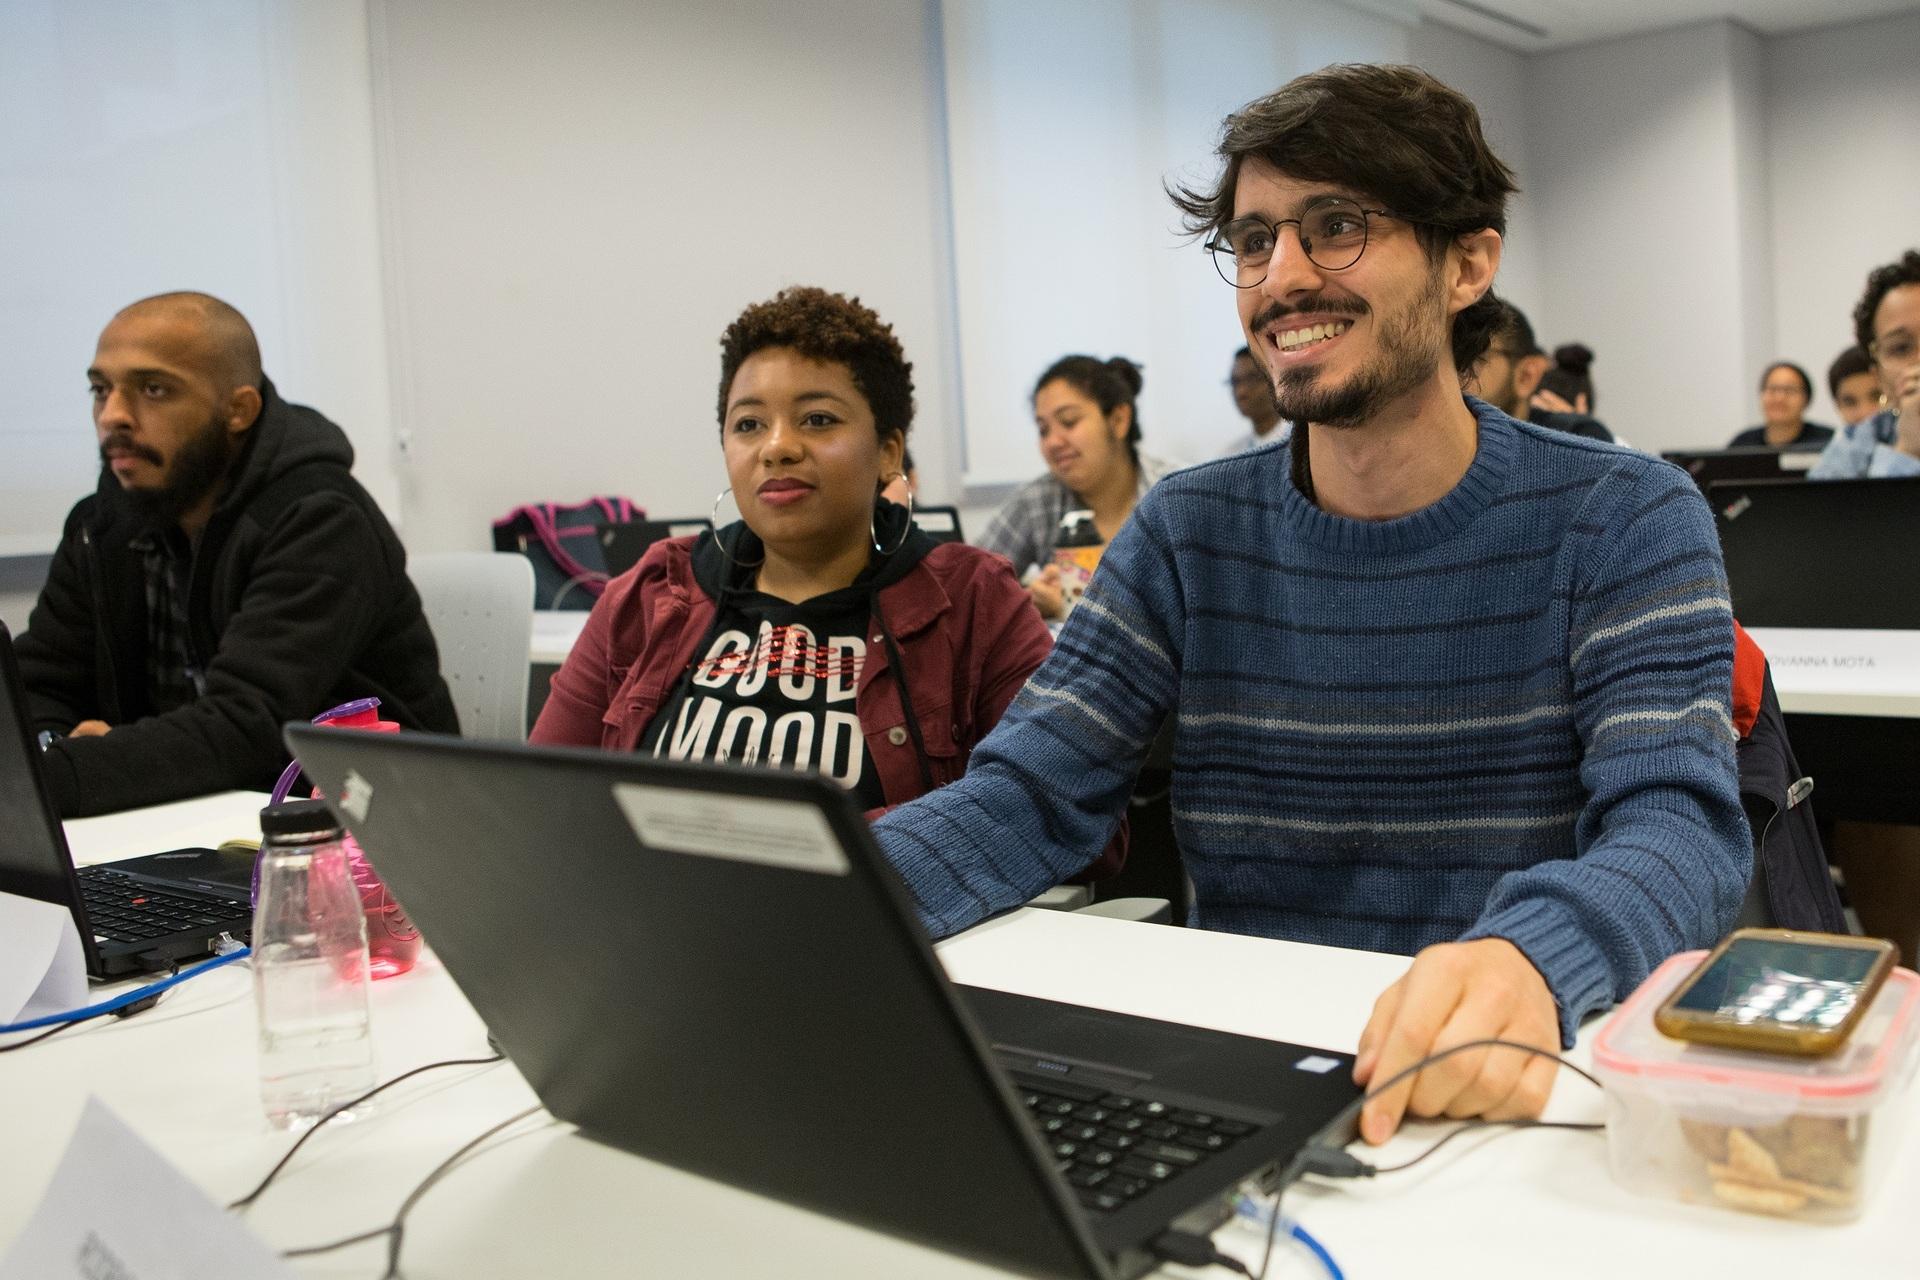 ONG abre inscrições para curso gratuito de Desenvolvedor Web